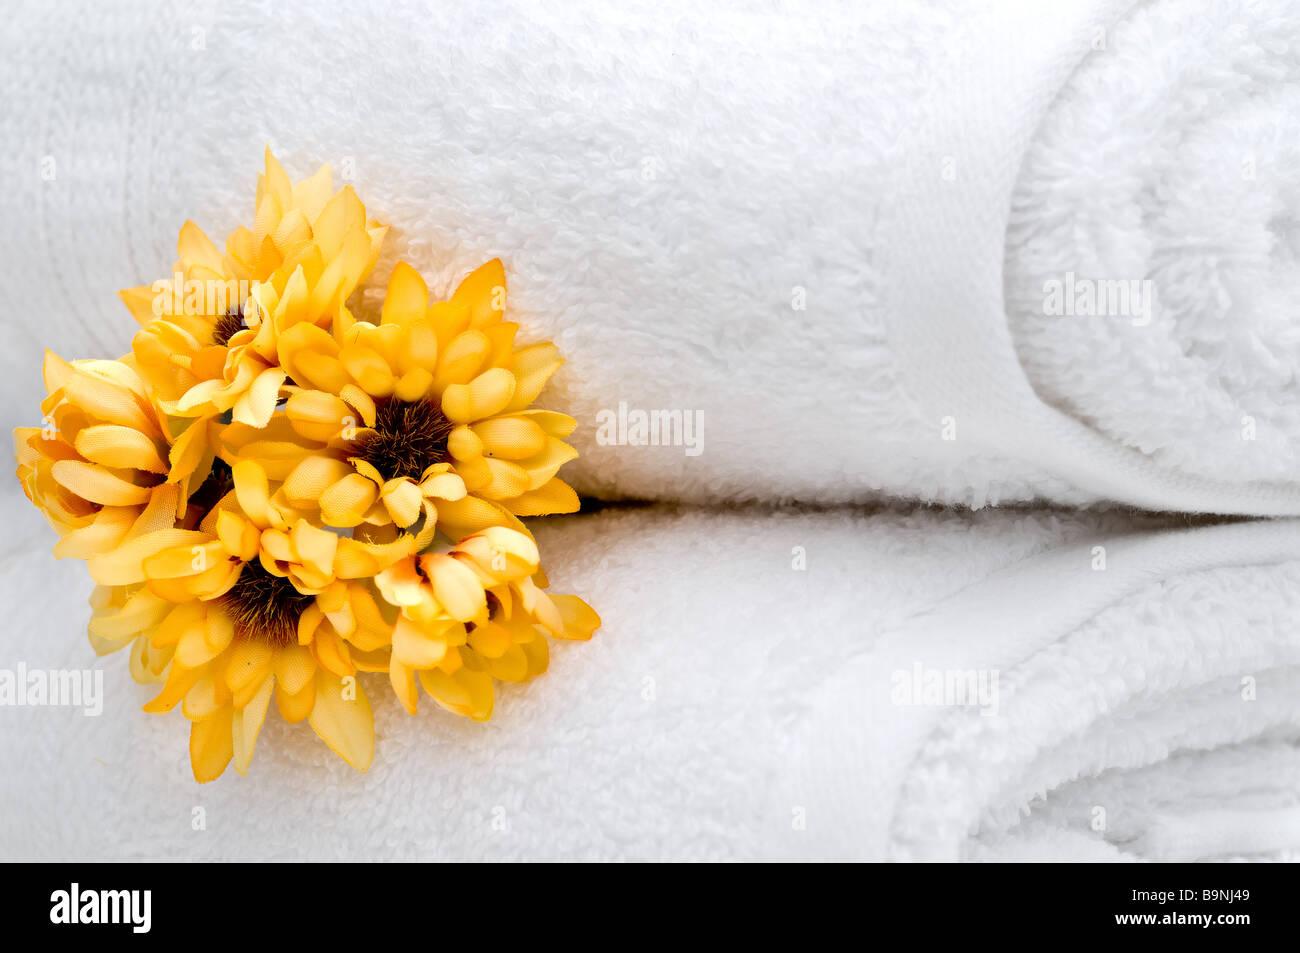 White Fleece Flower Stock Photos White Fleece Flower Stock Images